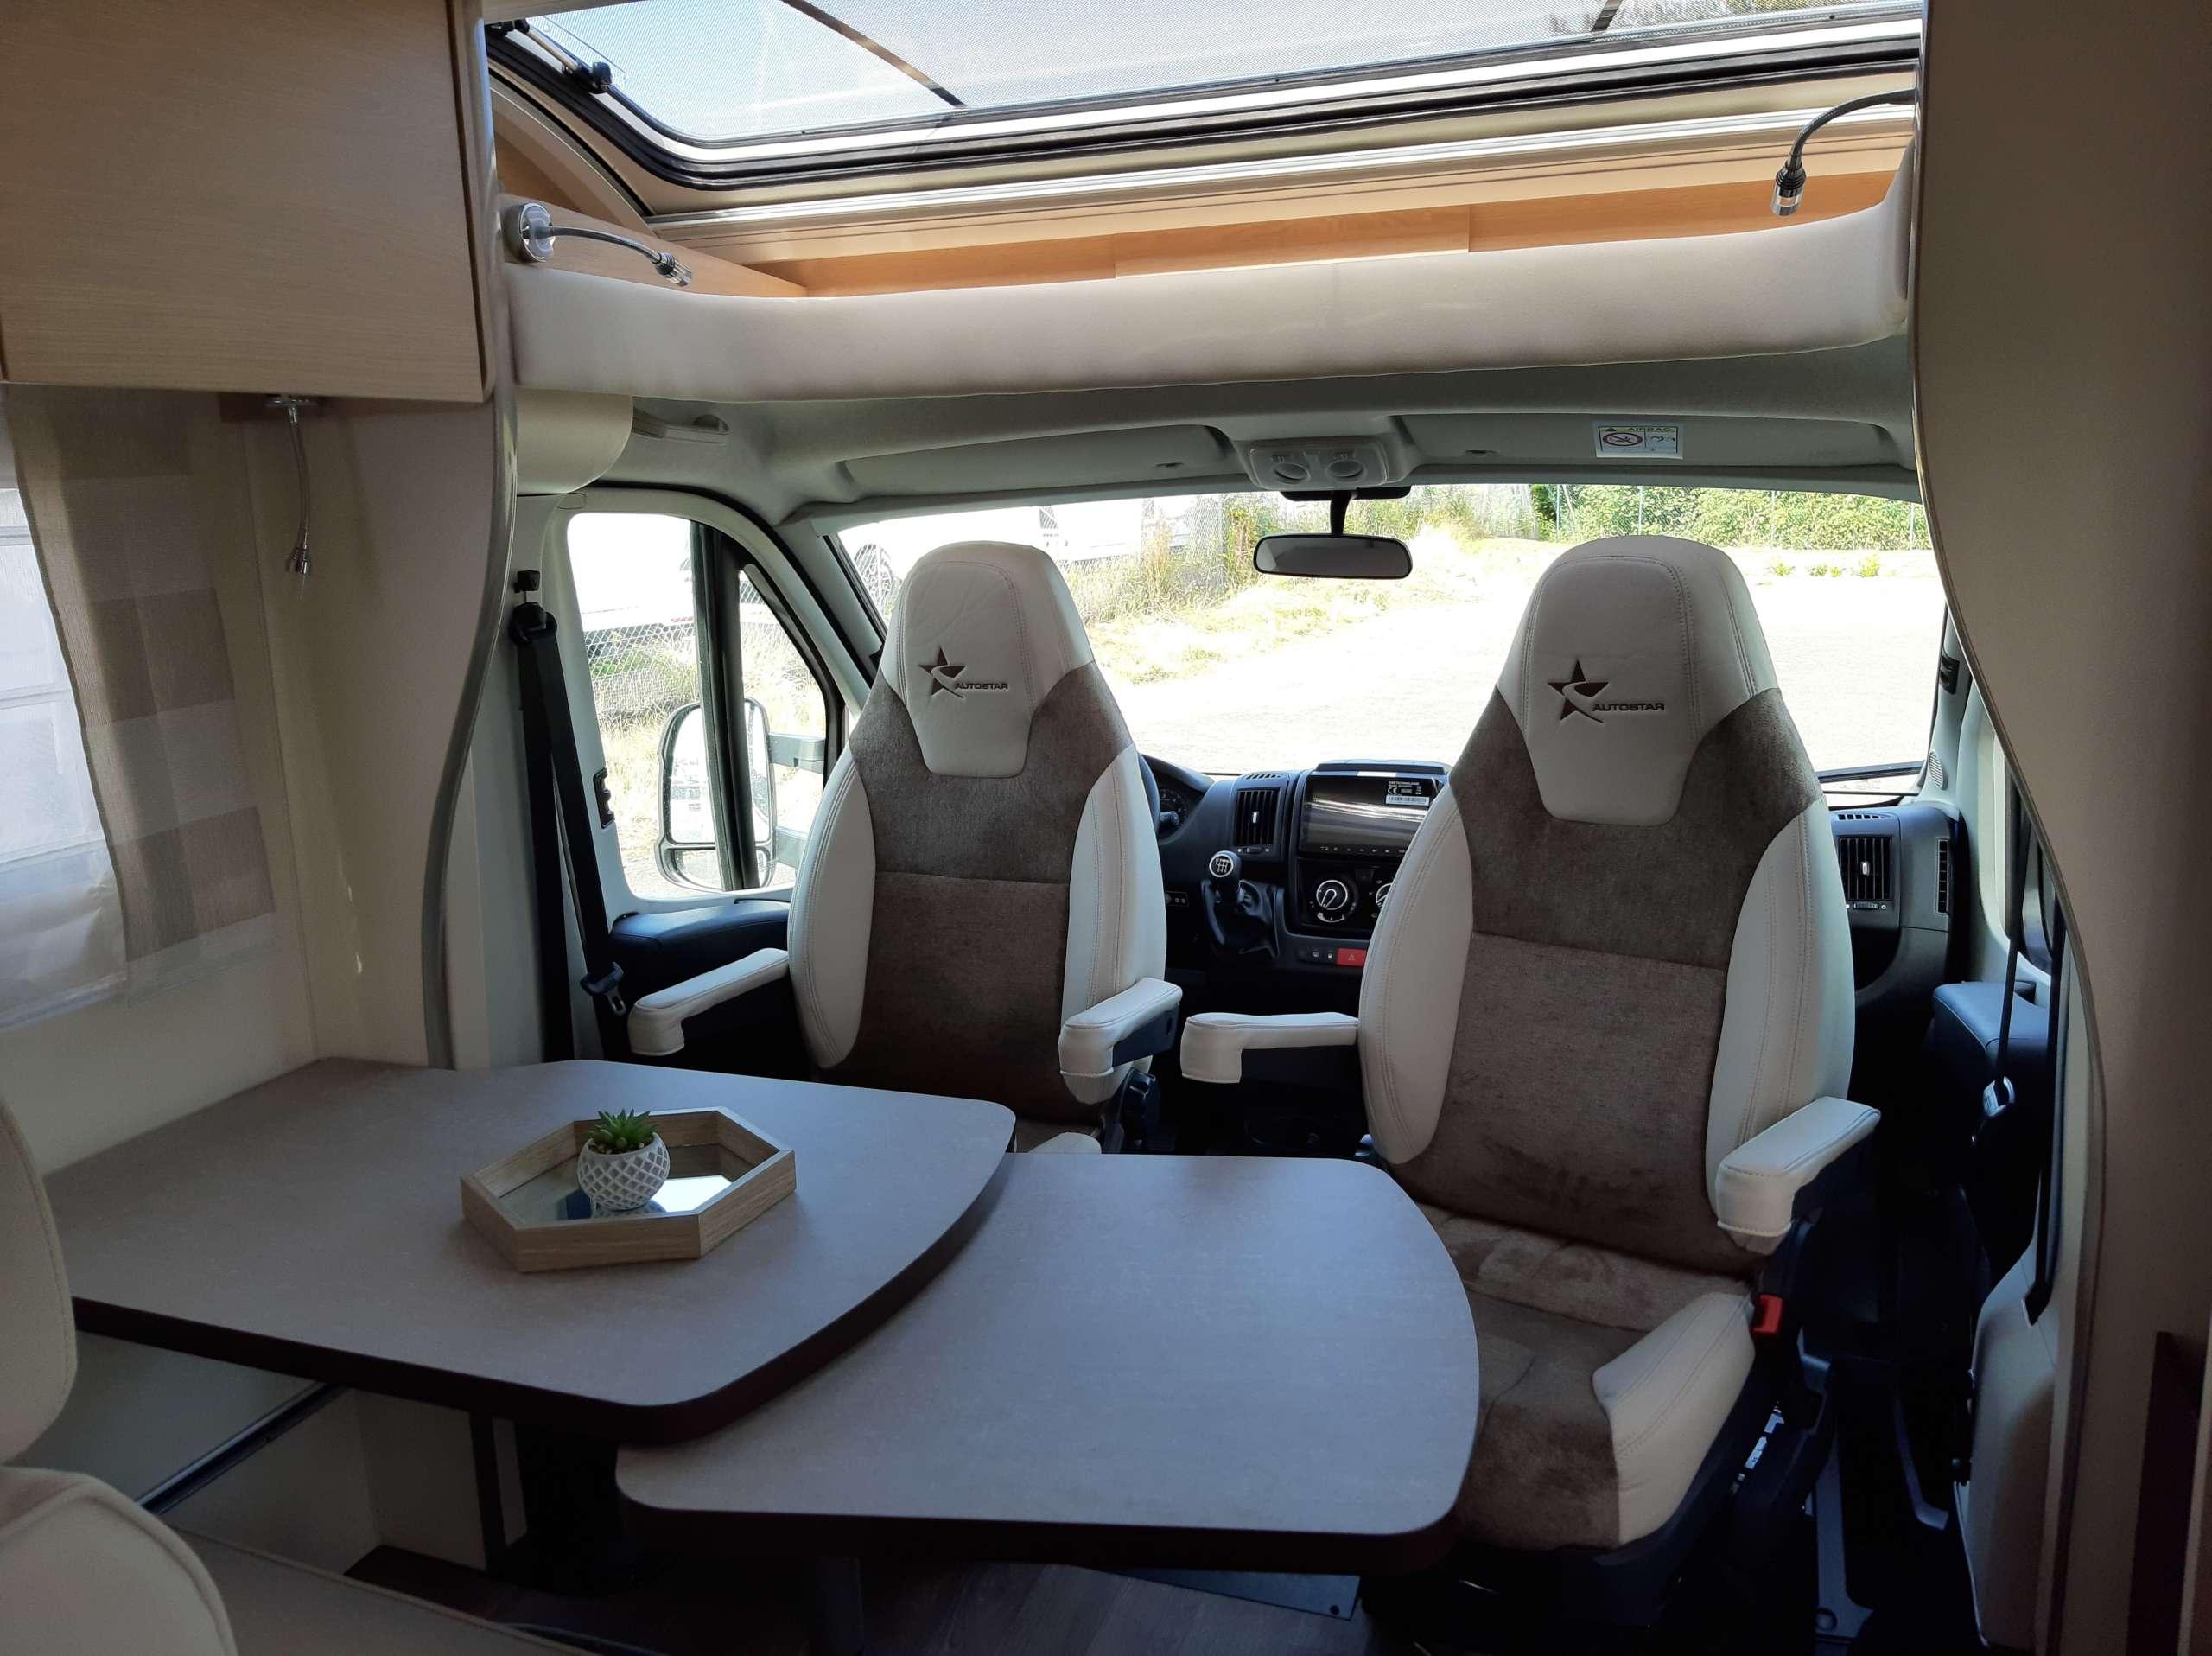 Autostar P 690 Lc Performance - 8